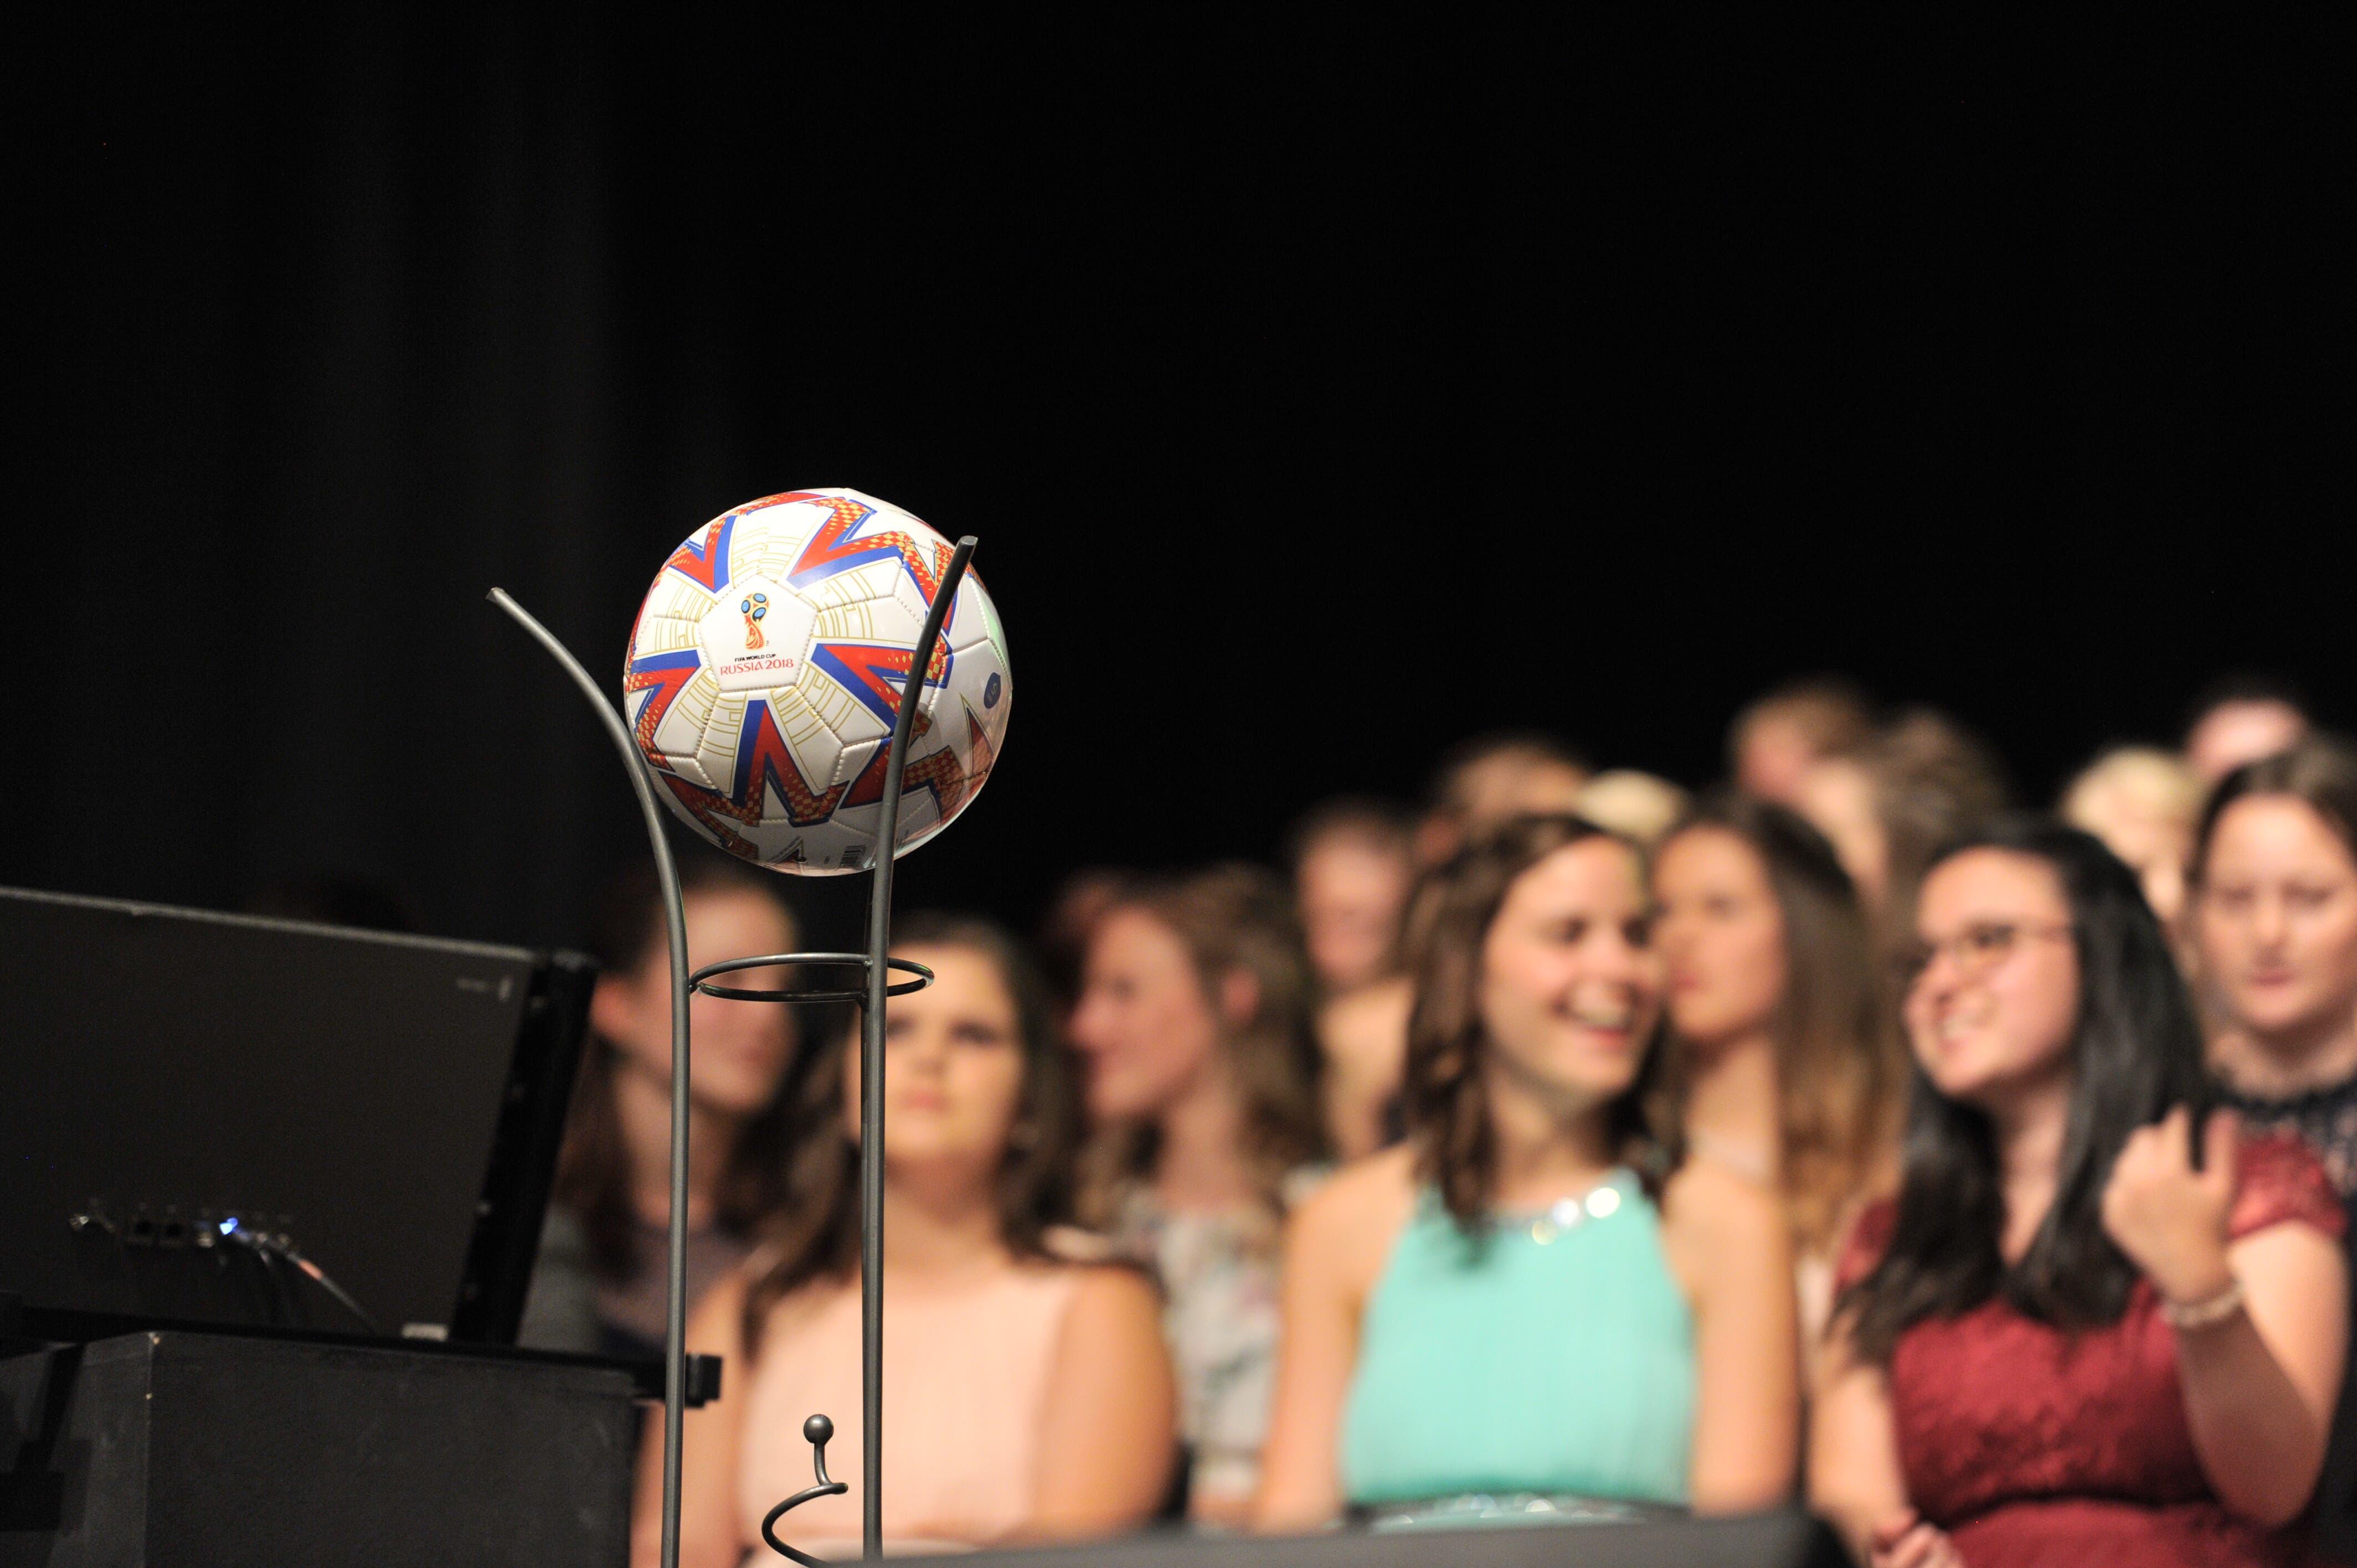 Auch ein Fussball durfte an der Feier nicht fehlen.